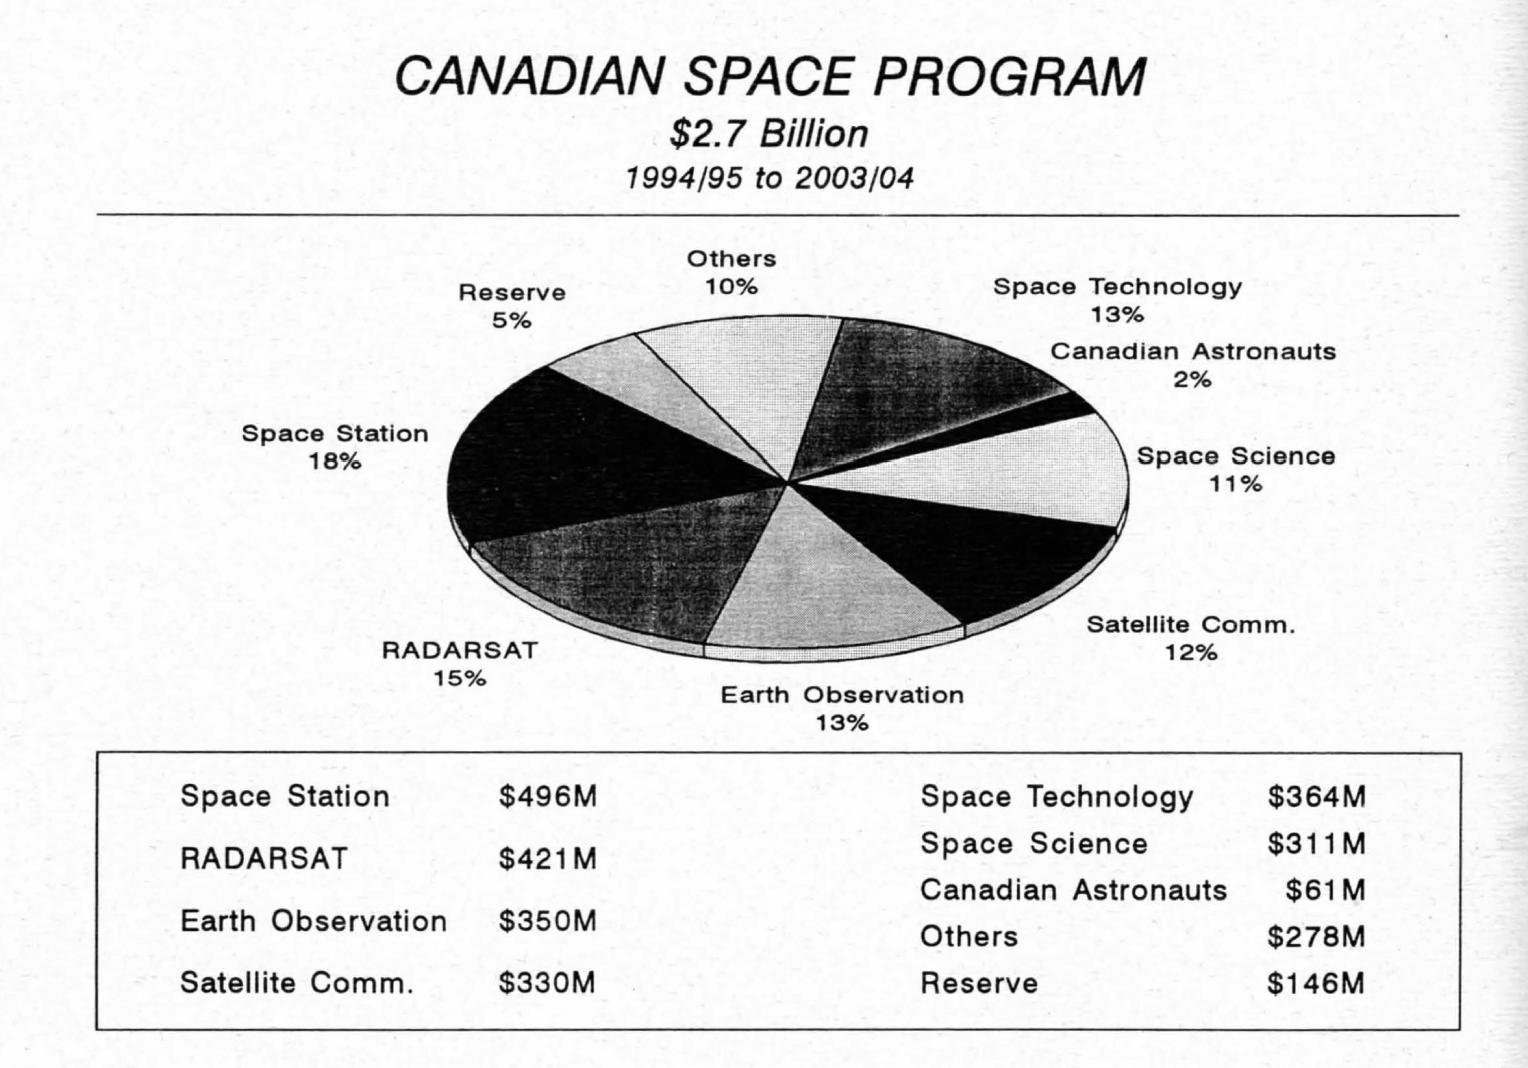 LTSP2 1994/95 - 2003/04 funding chart